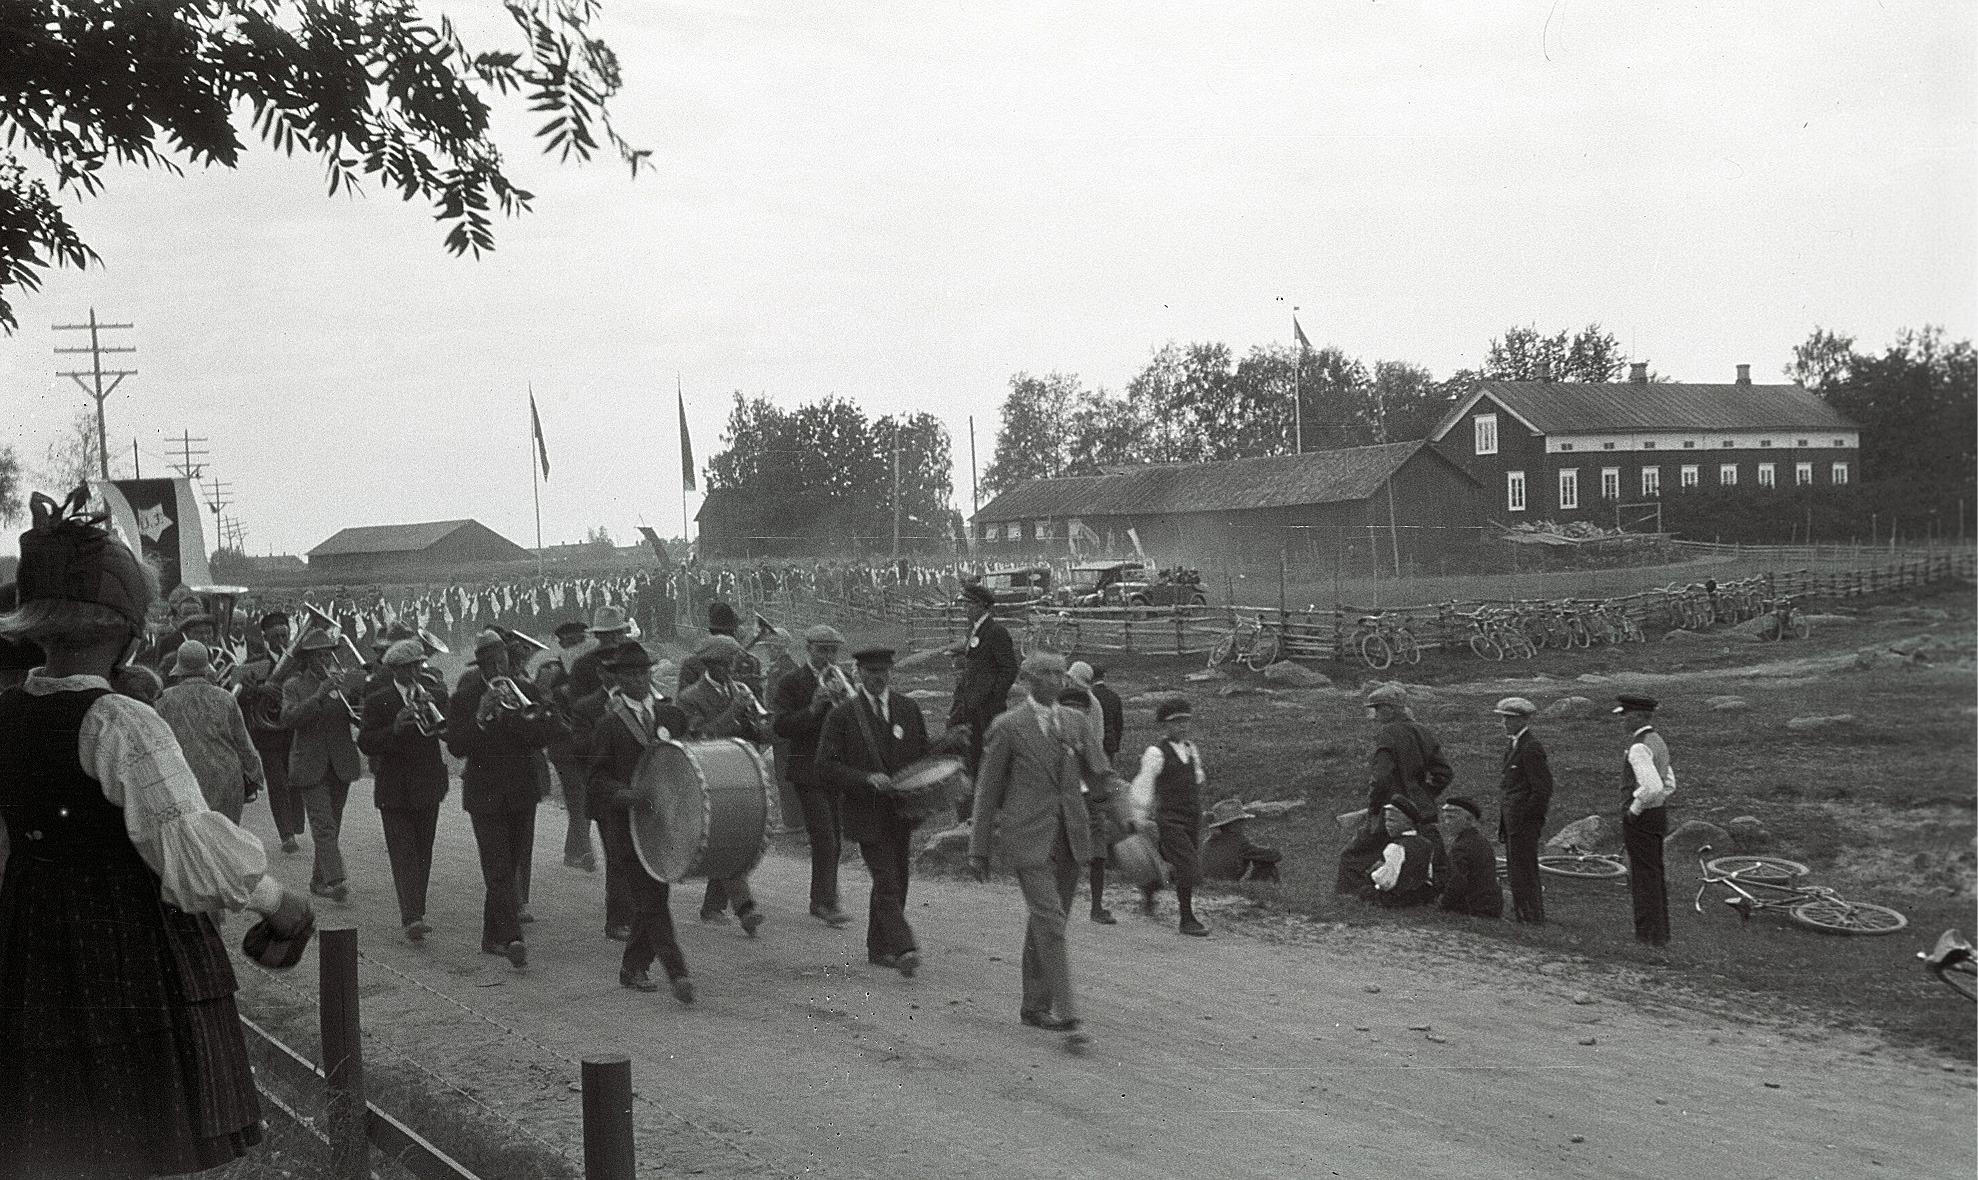 En lång rad med sångare och musikanter på väg från kyrkan till ungdomslokalen under sångarfesten i Lappfjärd 1930. Till höger syns Starkes eller nuvarande af Hällströms gård.